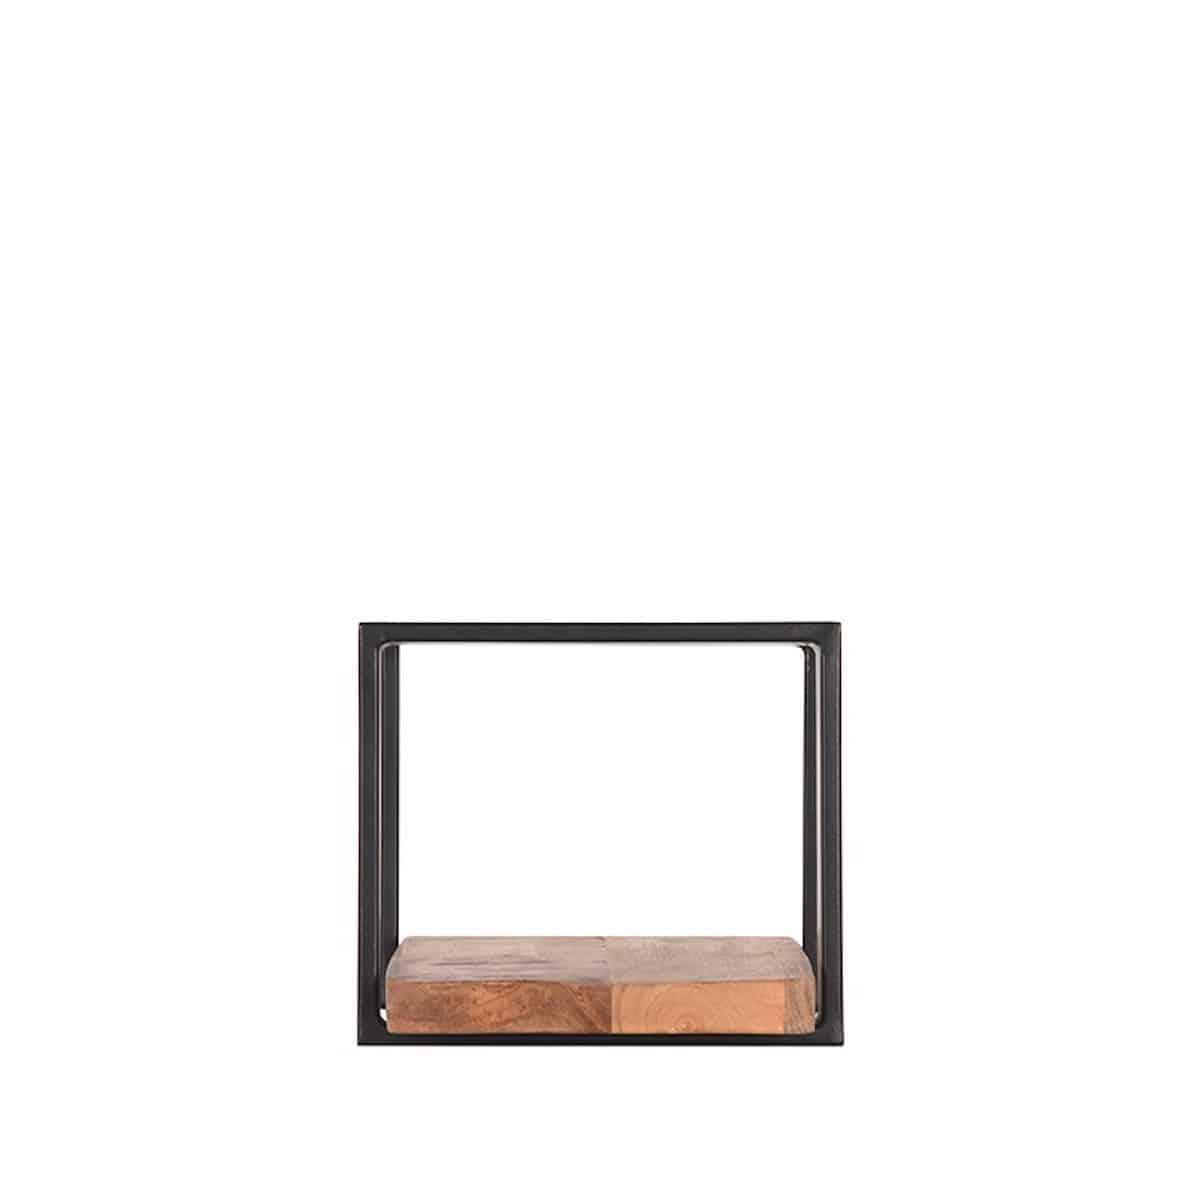 Wandplank Zwart Metaal Hout.Industriele Wandplank Label51 Slam Mango Hout Metaal Zwart